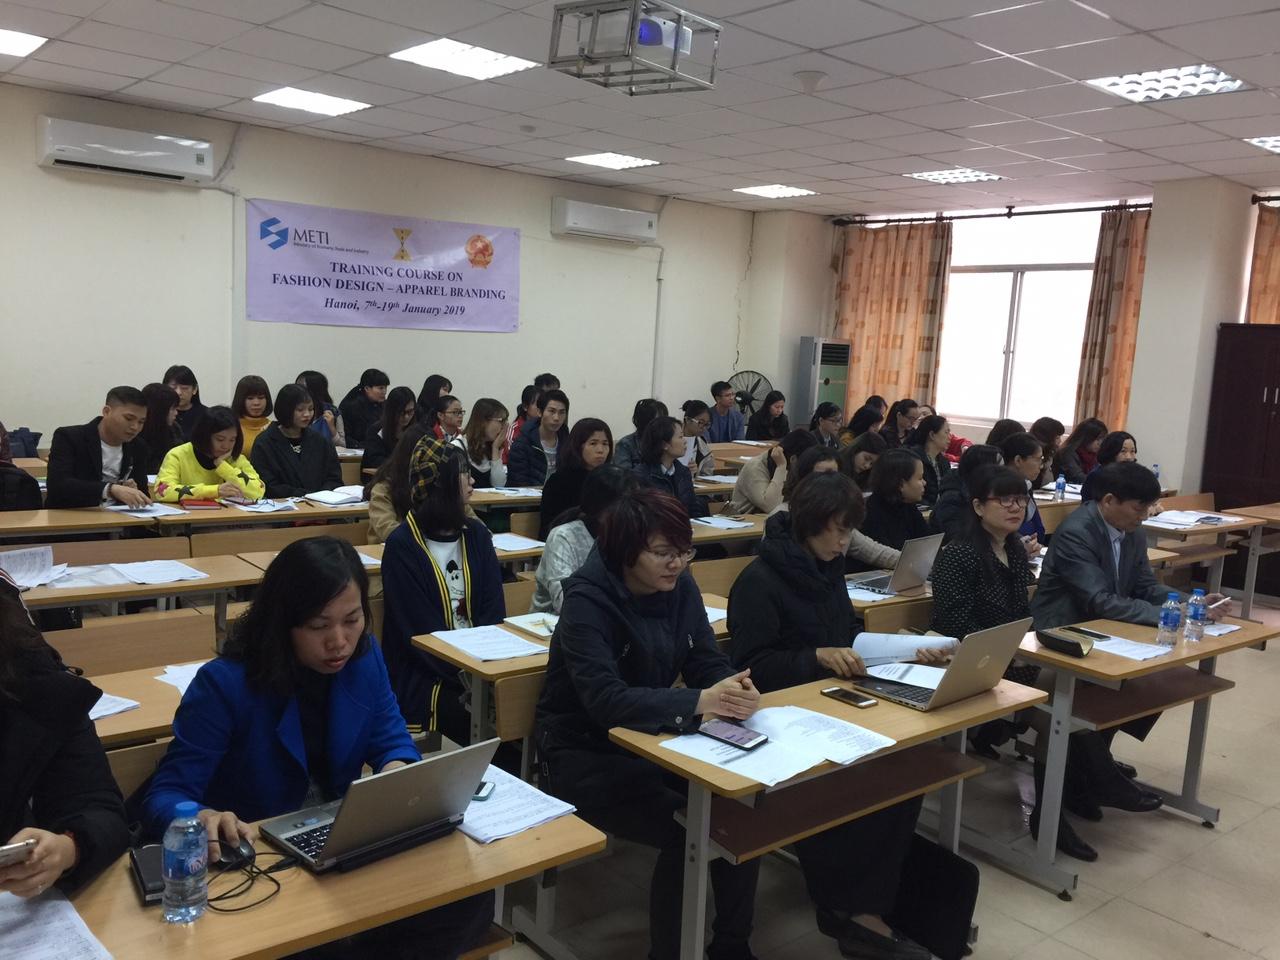 Hơn 60 học viên tham dự Khóa đào tạ...